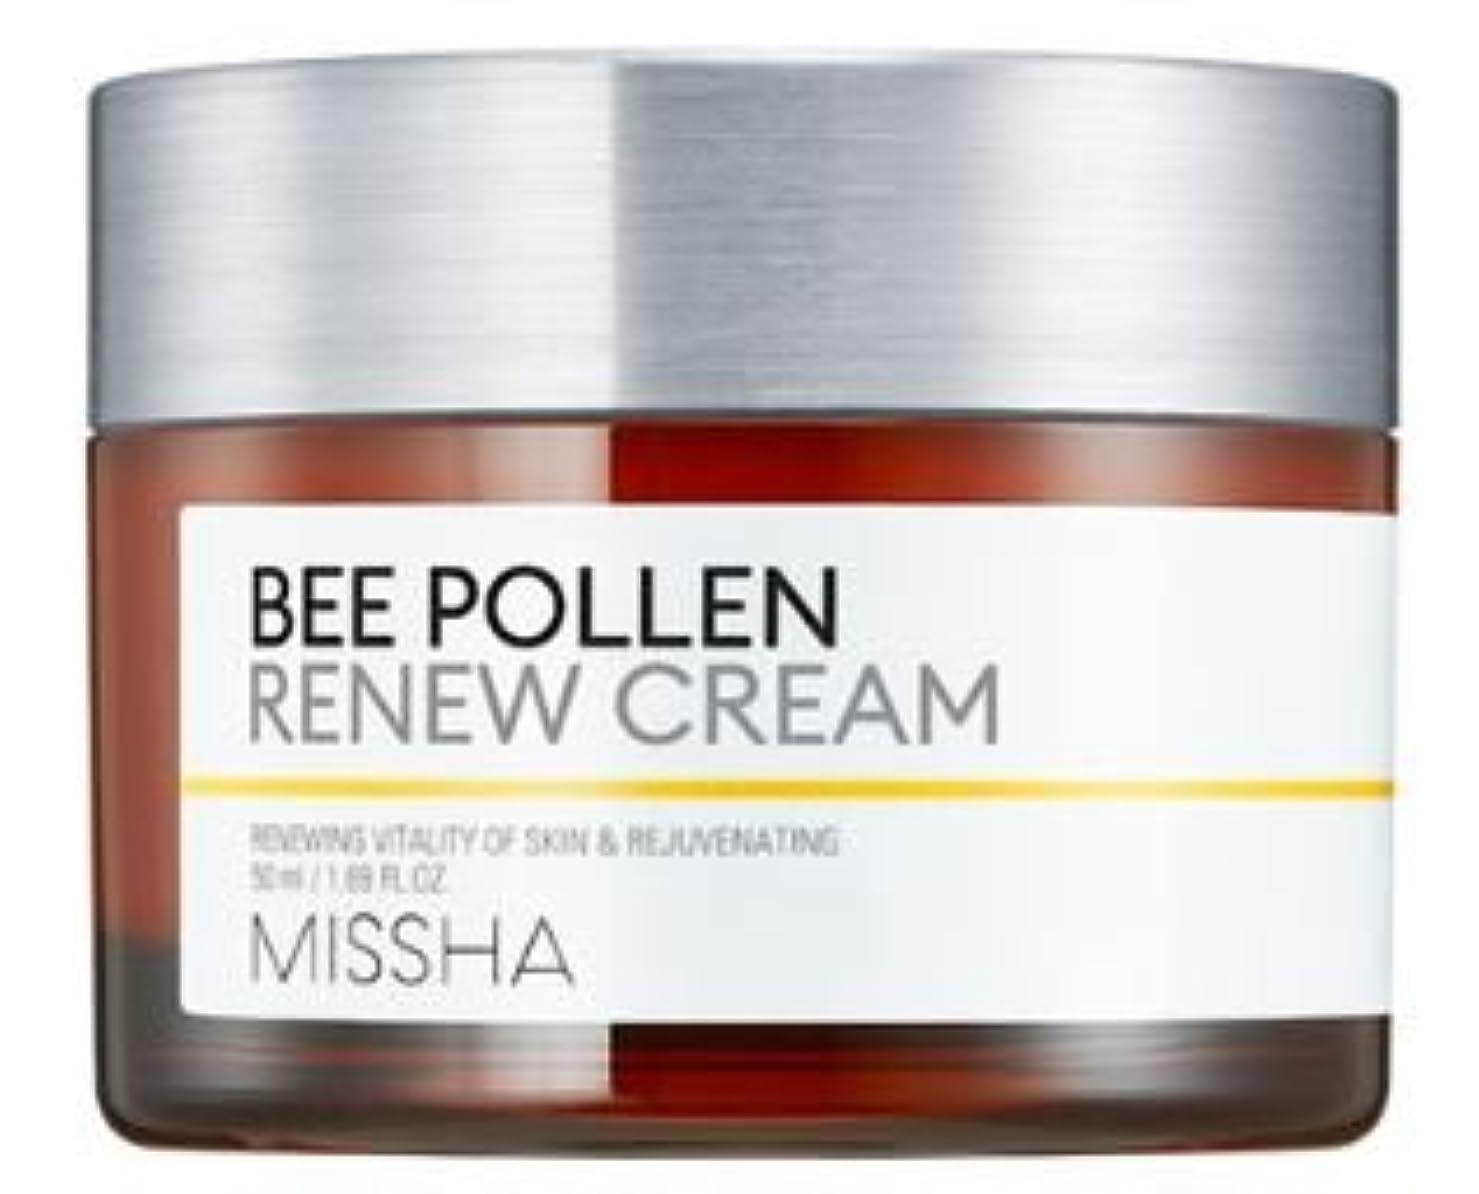 絶滅させる交じるクラックポット[Missha] Bee Pollen Renew Cream 50ml/[ミシャ] ビーポレンリニュークリーム50ml [並行輸入品]